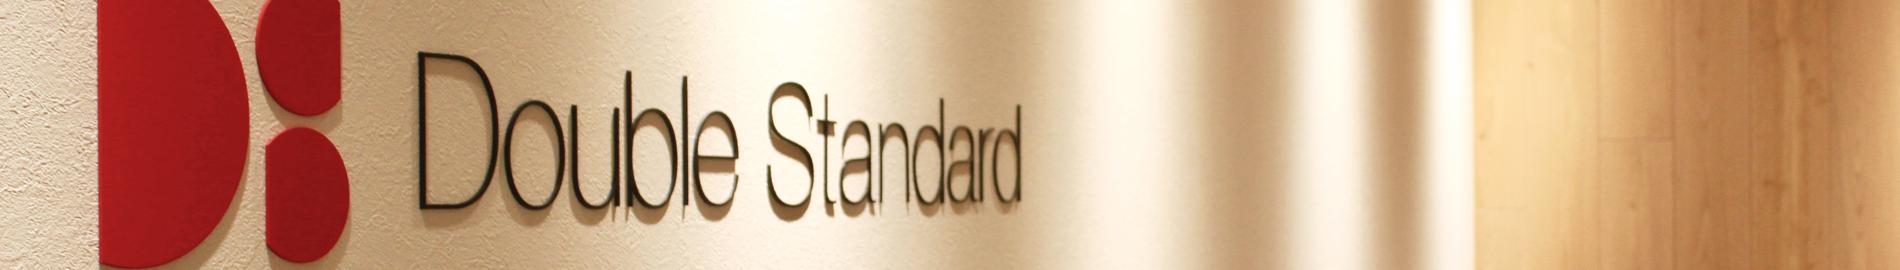 会社を知る|株式会社ダブルスタンダード 採用情報